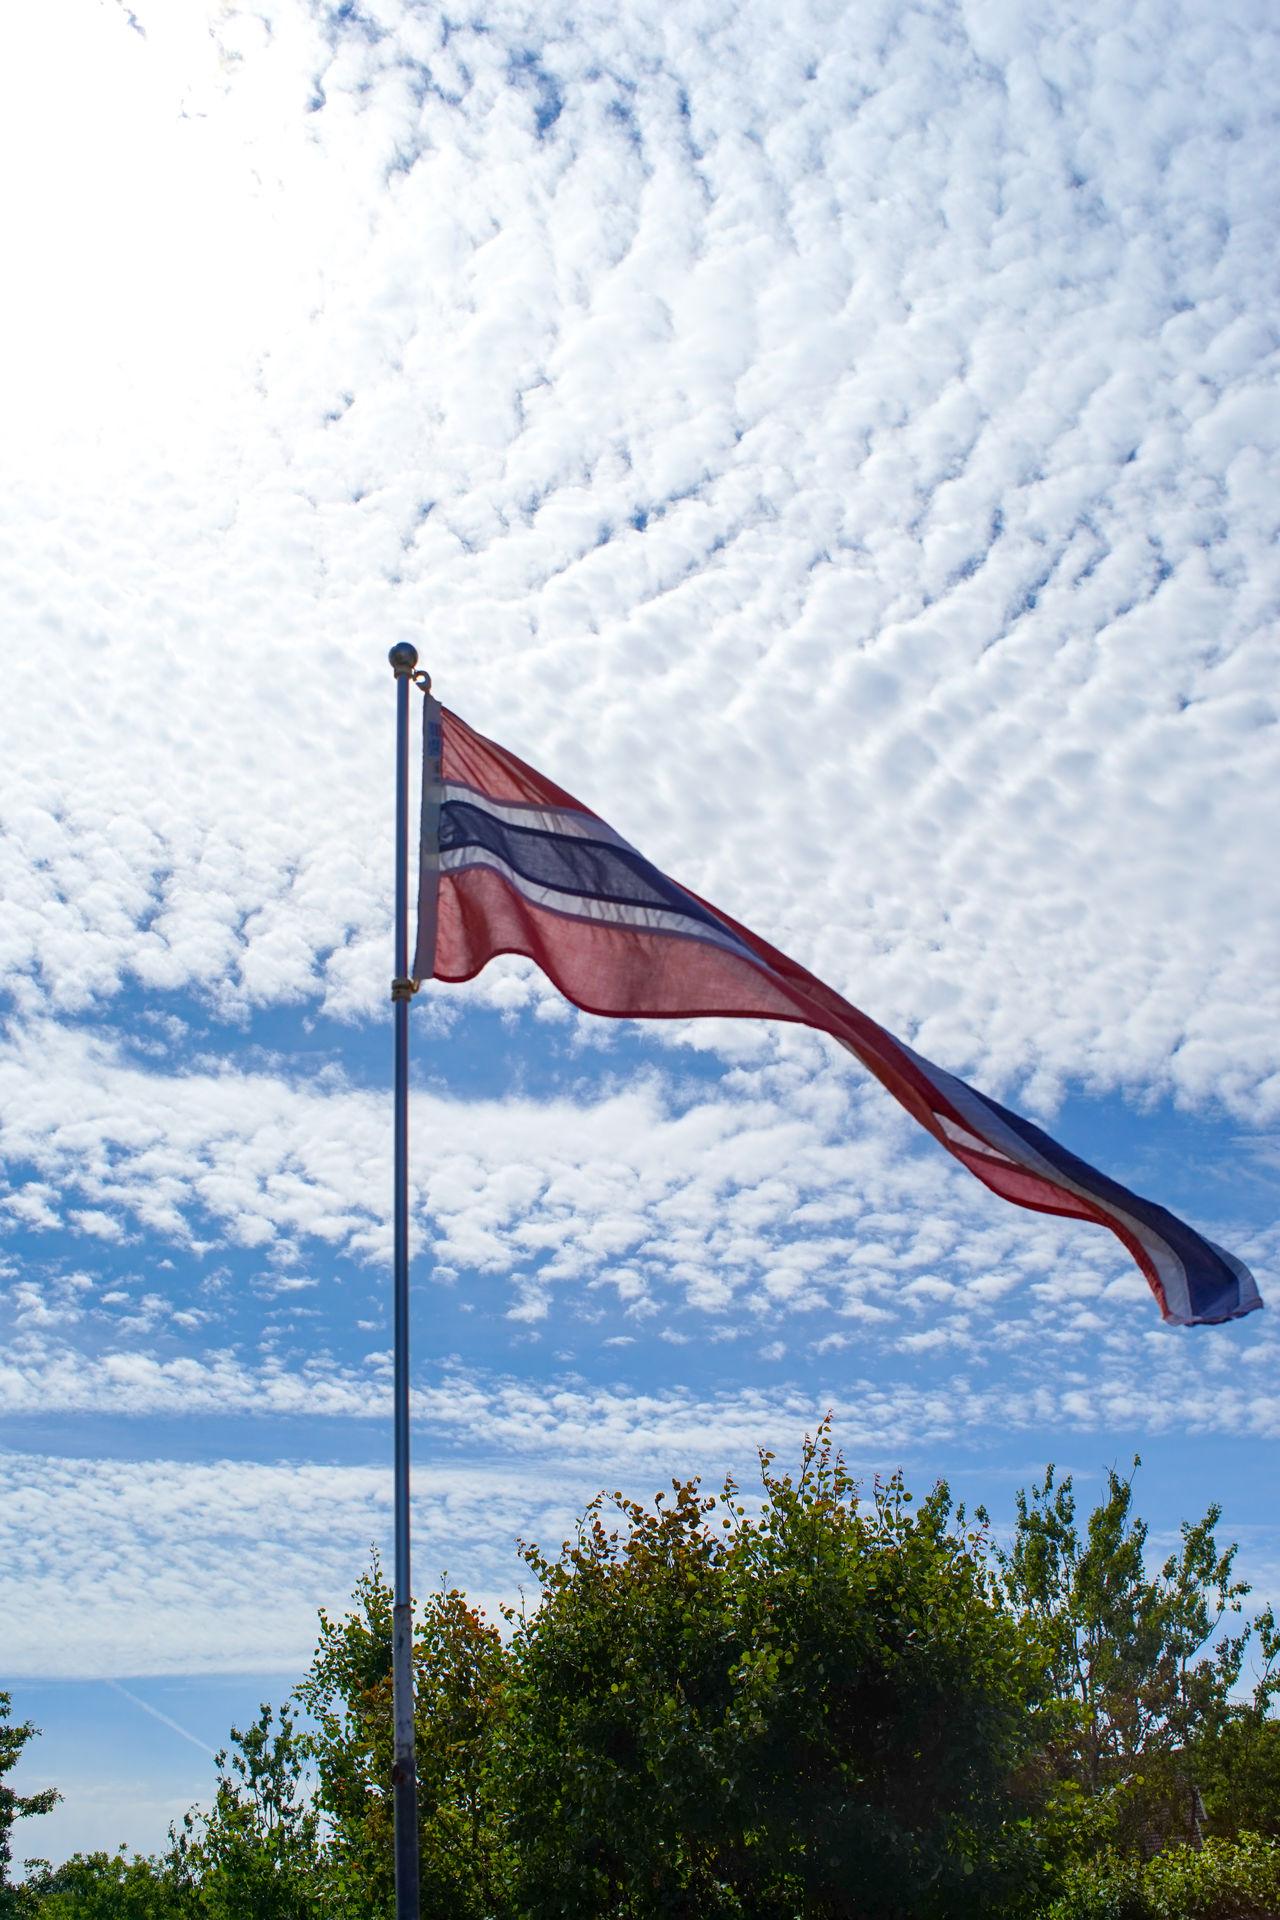 Summer :) Yes EyeEm is working again Norge Norway Cloud - Sky Day Flag Flag Pole Nature No People Norsk Norwegian Flag Outdoors Patriotism Pride Sky Tree Vimpel Wind